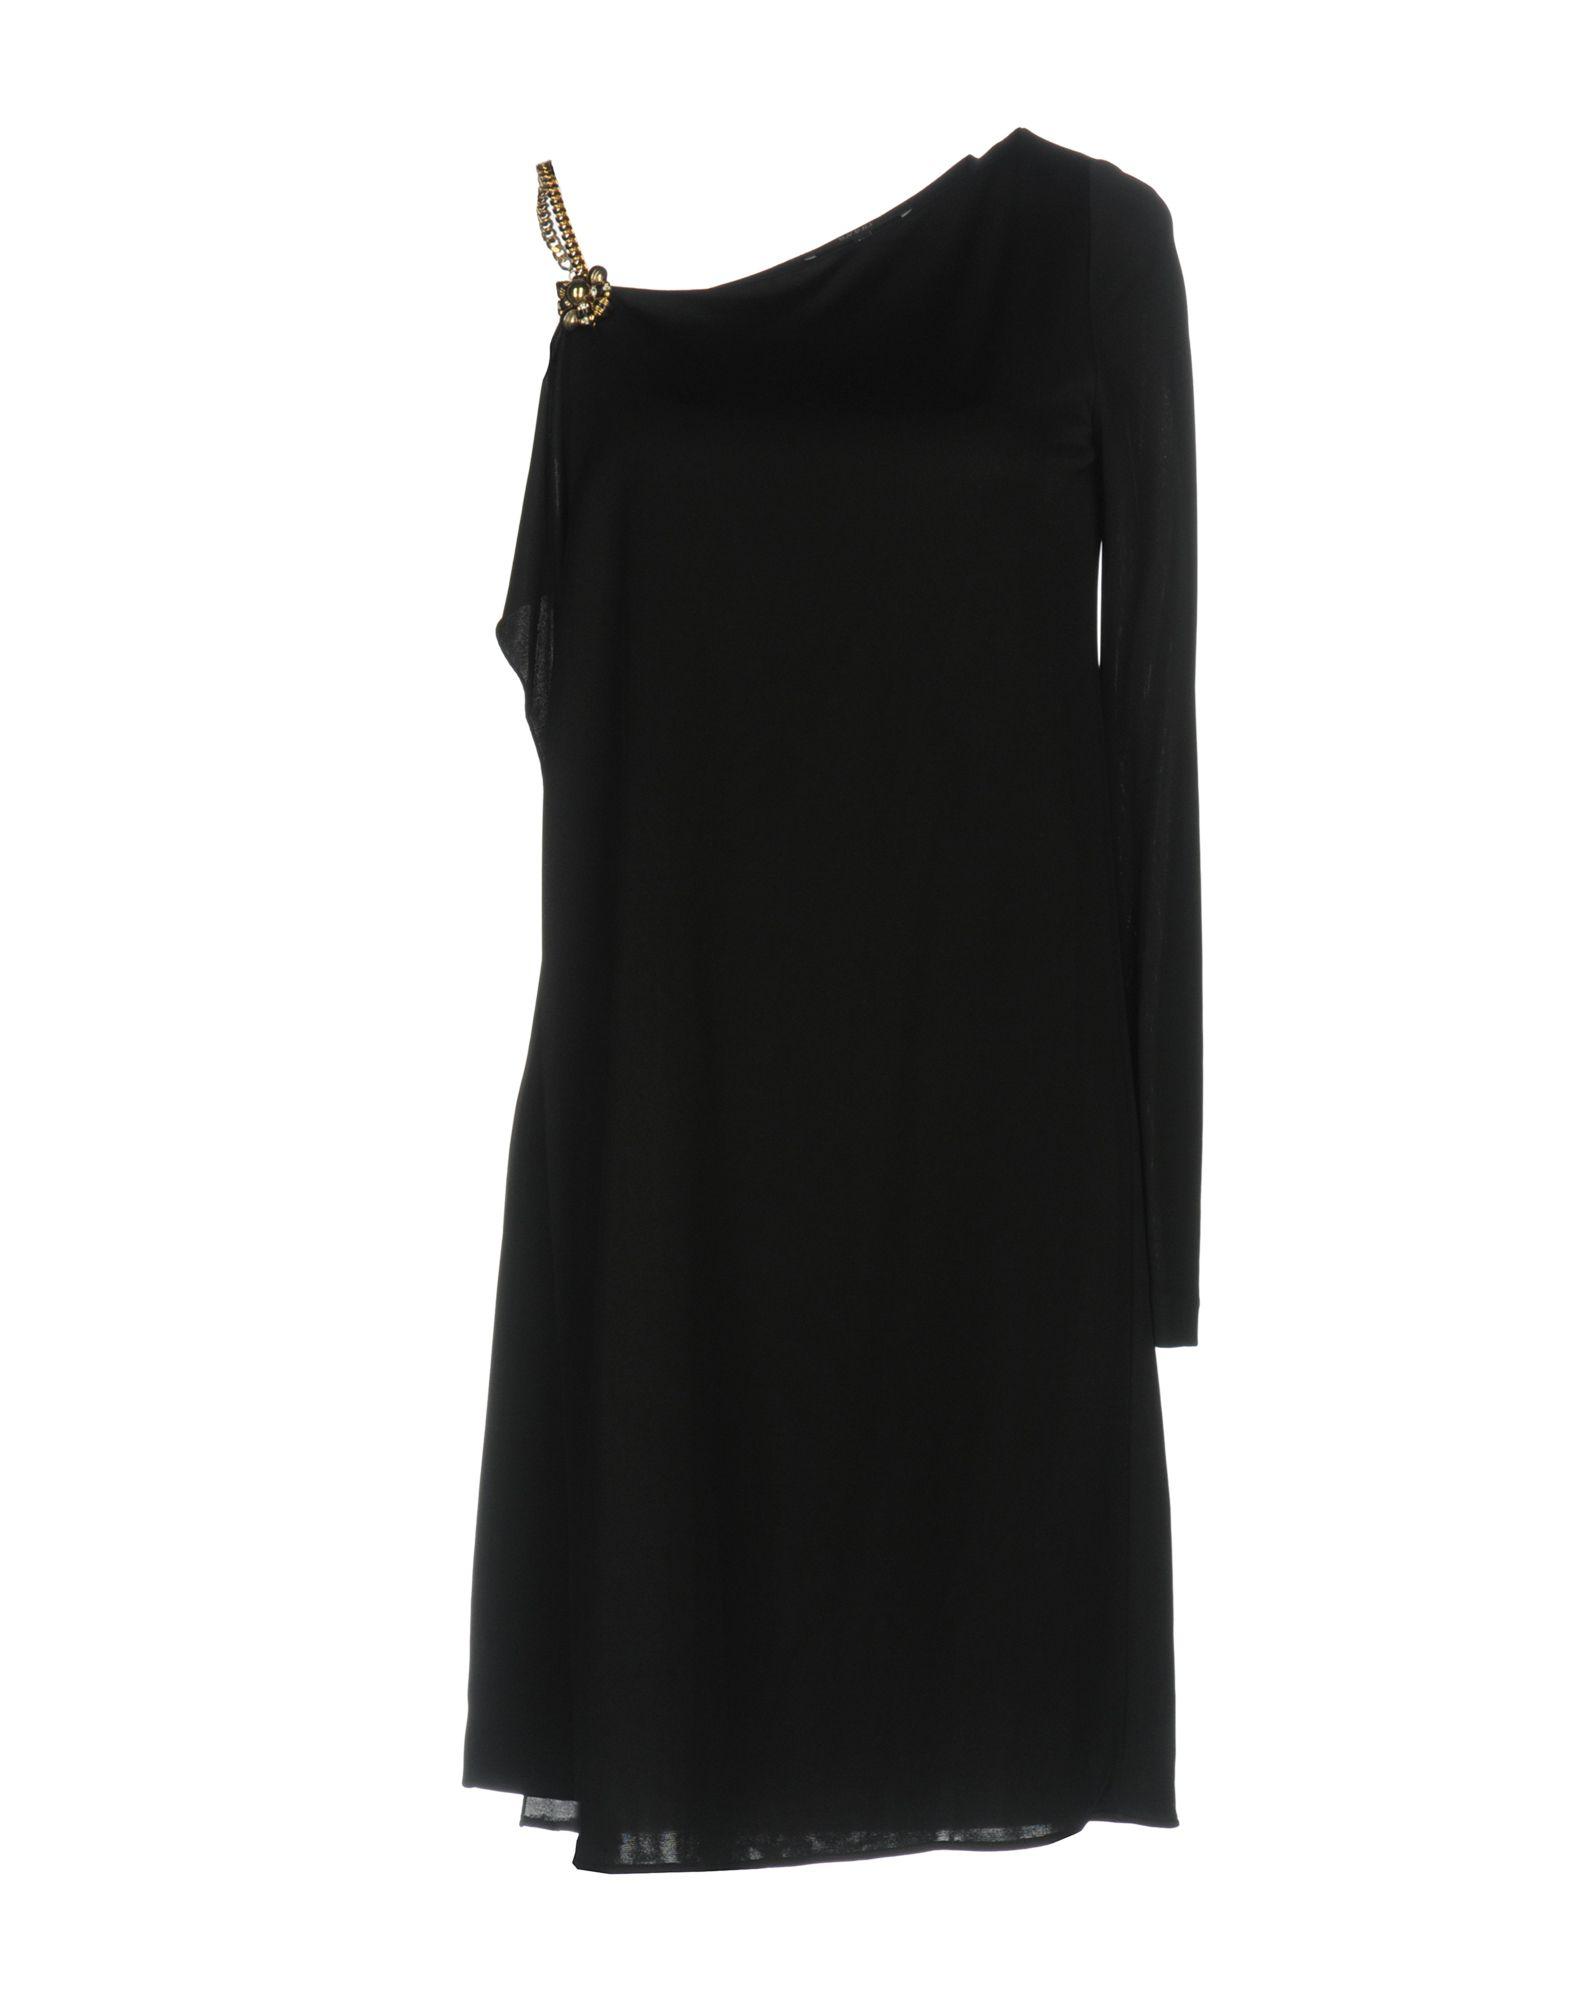 Vestito Corto Gucci Donna - Acquista online su B10sZC3n4